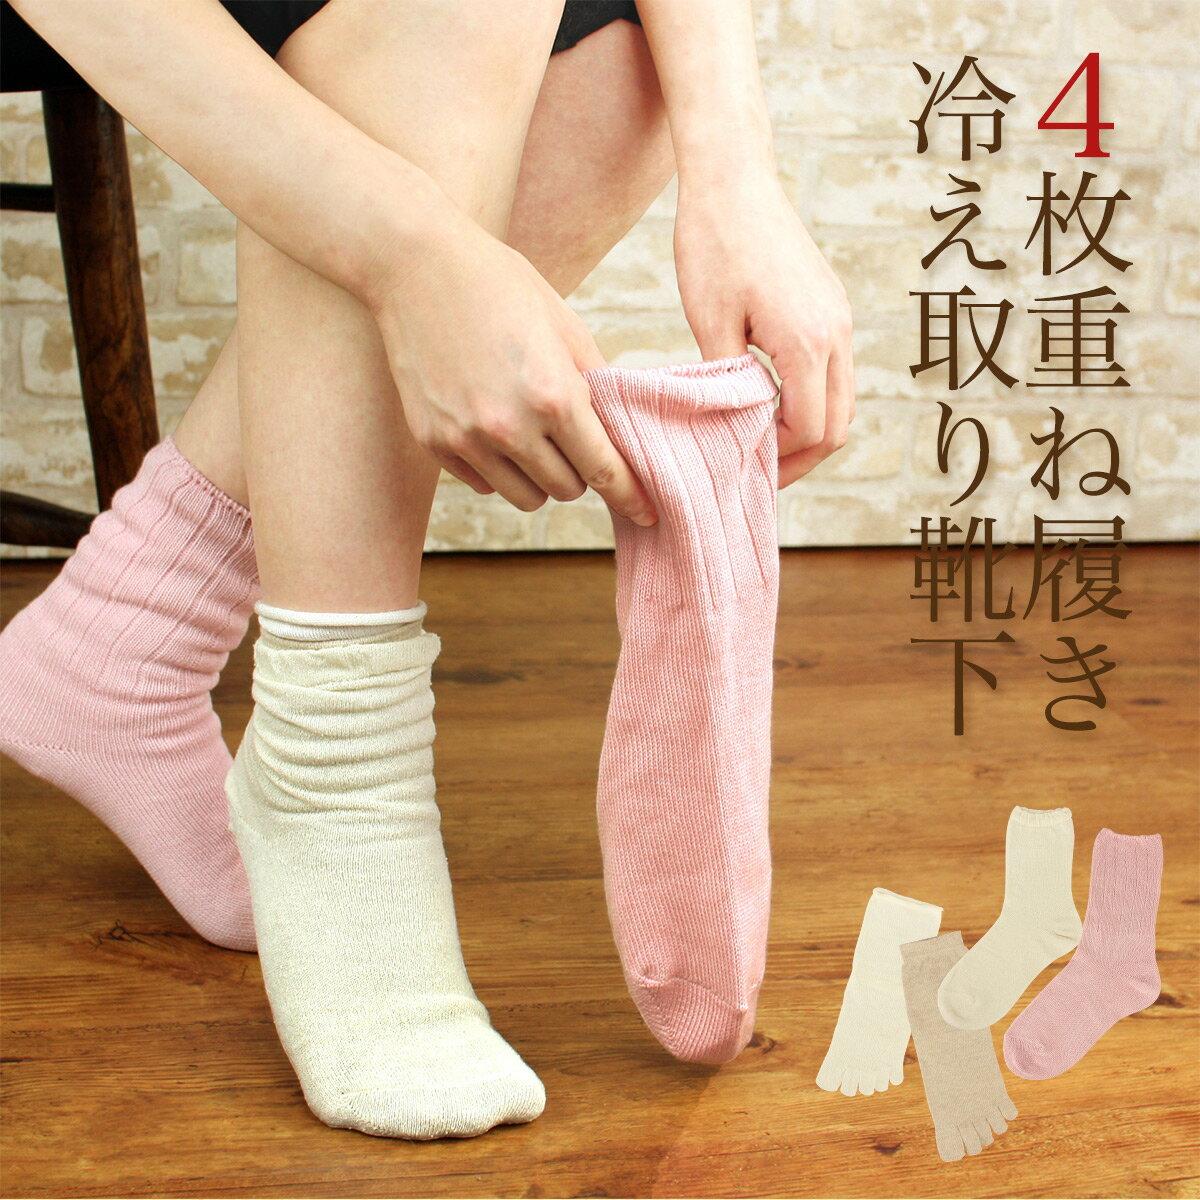 セール!40%OFF冷え取り 4枚重ねばき靴下日本製の 絹&綿ソックス 4足セット ナイガイ concept (コンセプト)3012-410ポイント10倍